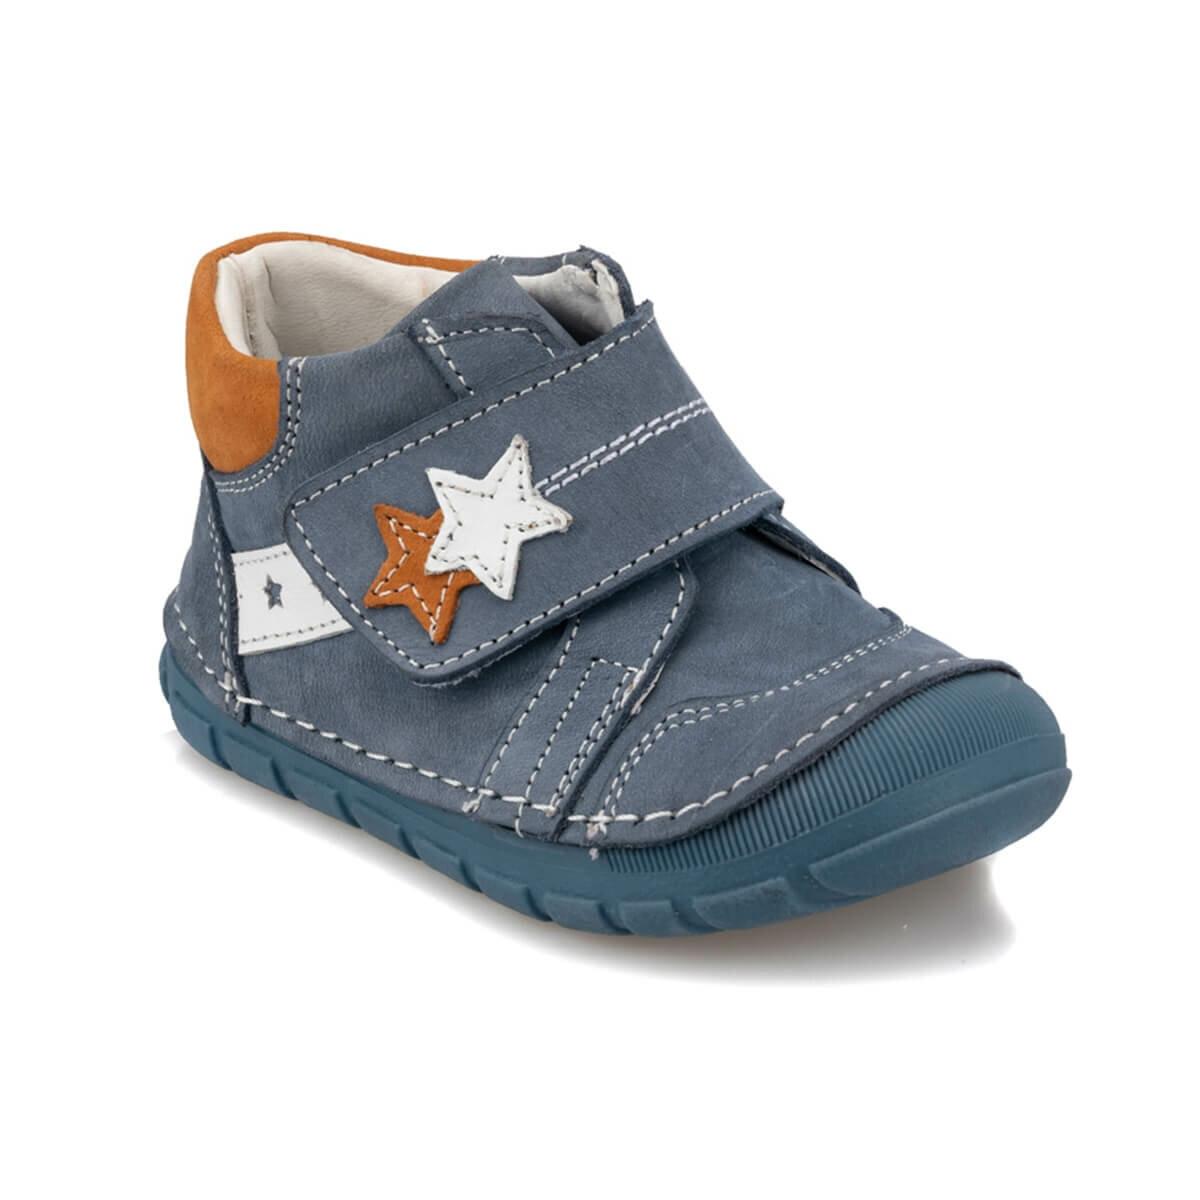 FLO 92.511707.I Blue Male Child Sport Shoes Polaris